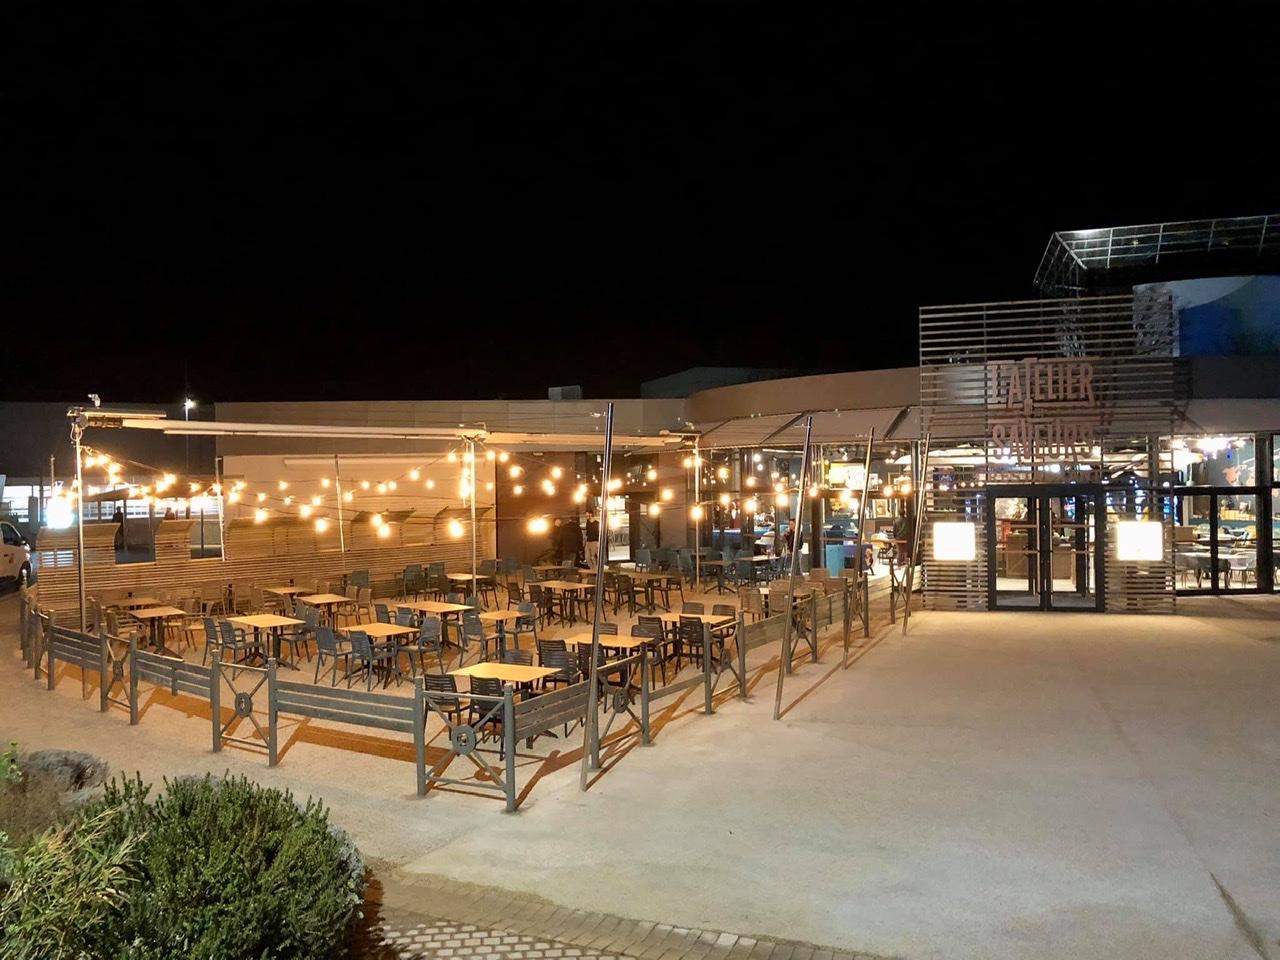 [Restaurant] L'Atelier des Saveurs · 2020 2-C43-D1-B0-5-C04-4-D32-A890-C446-D32-FE278